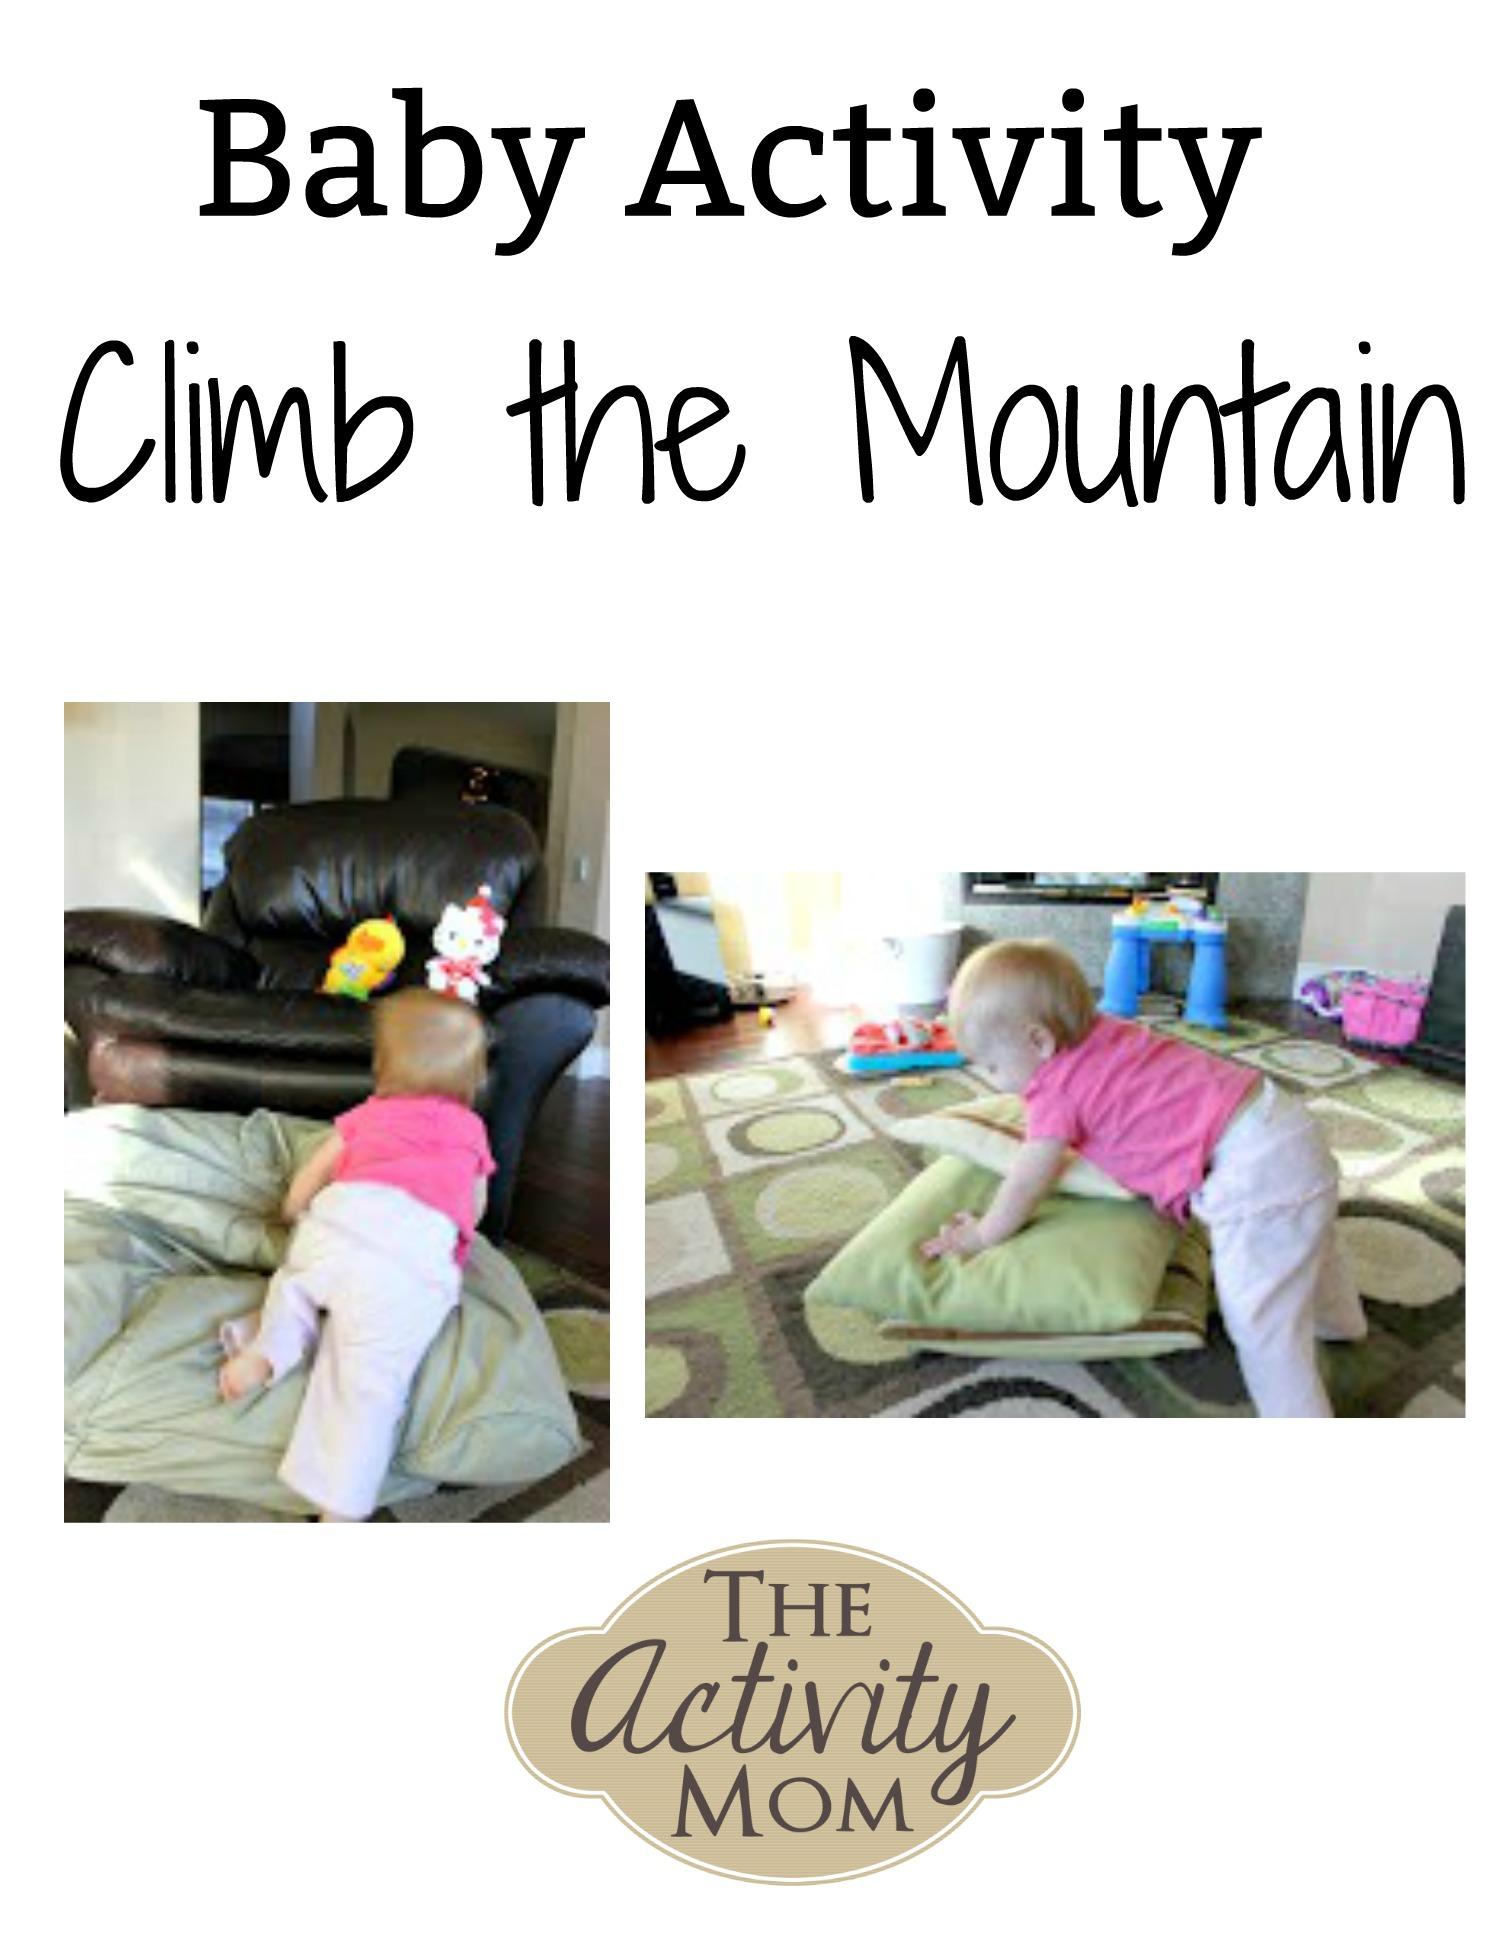 Baby Activity – Climb the Mountain